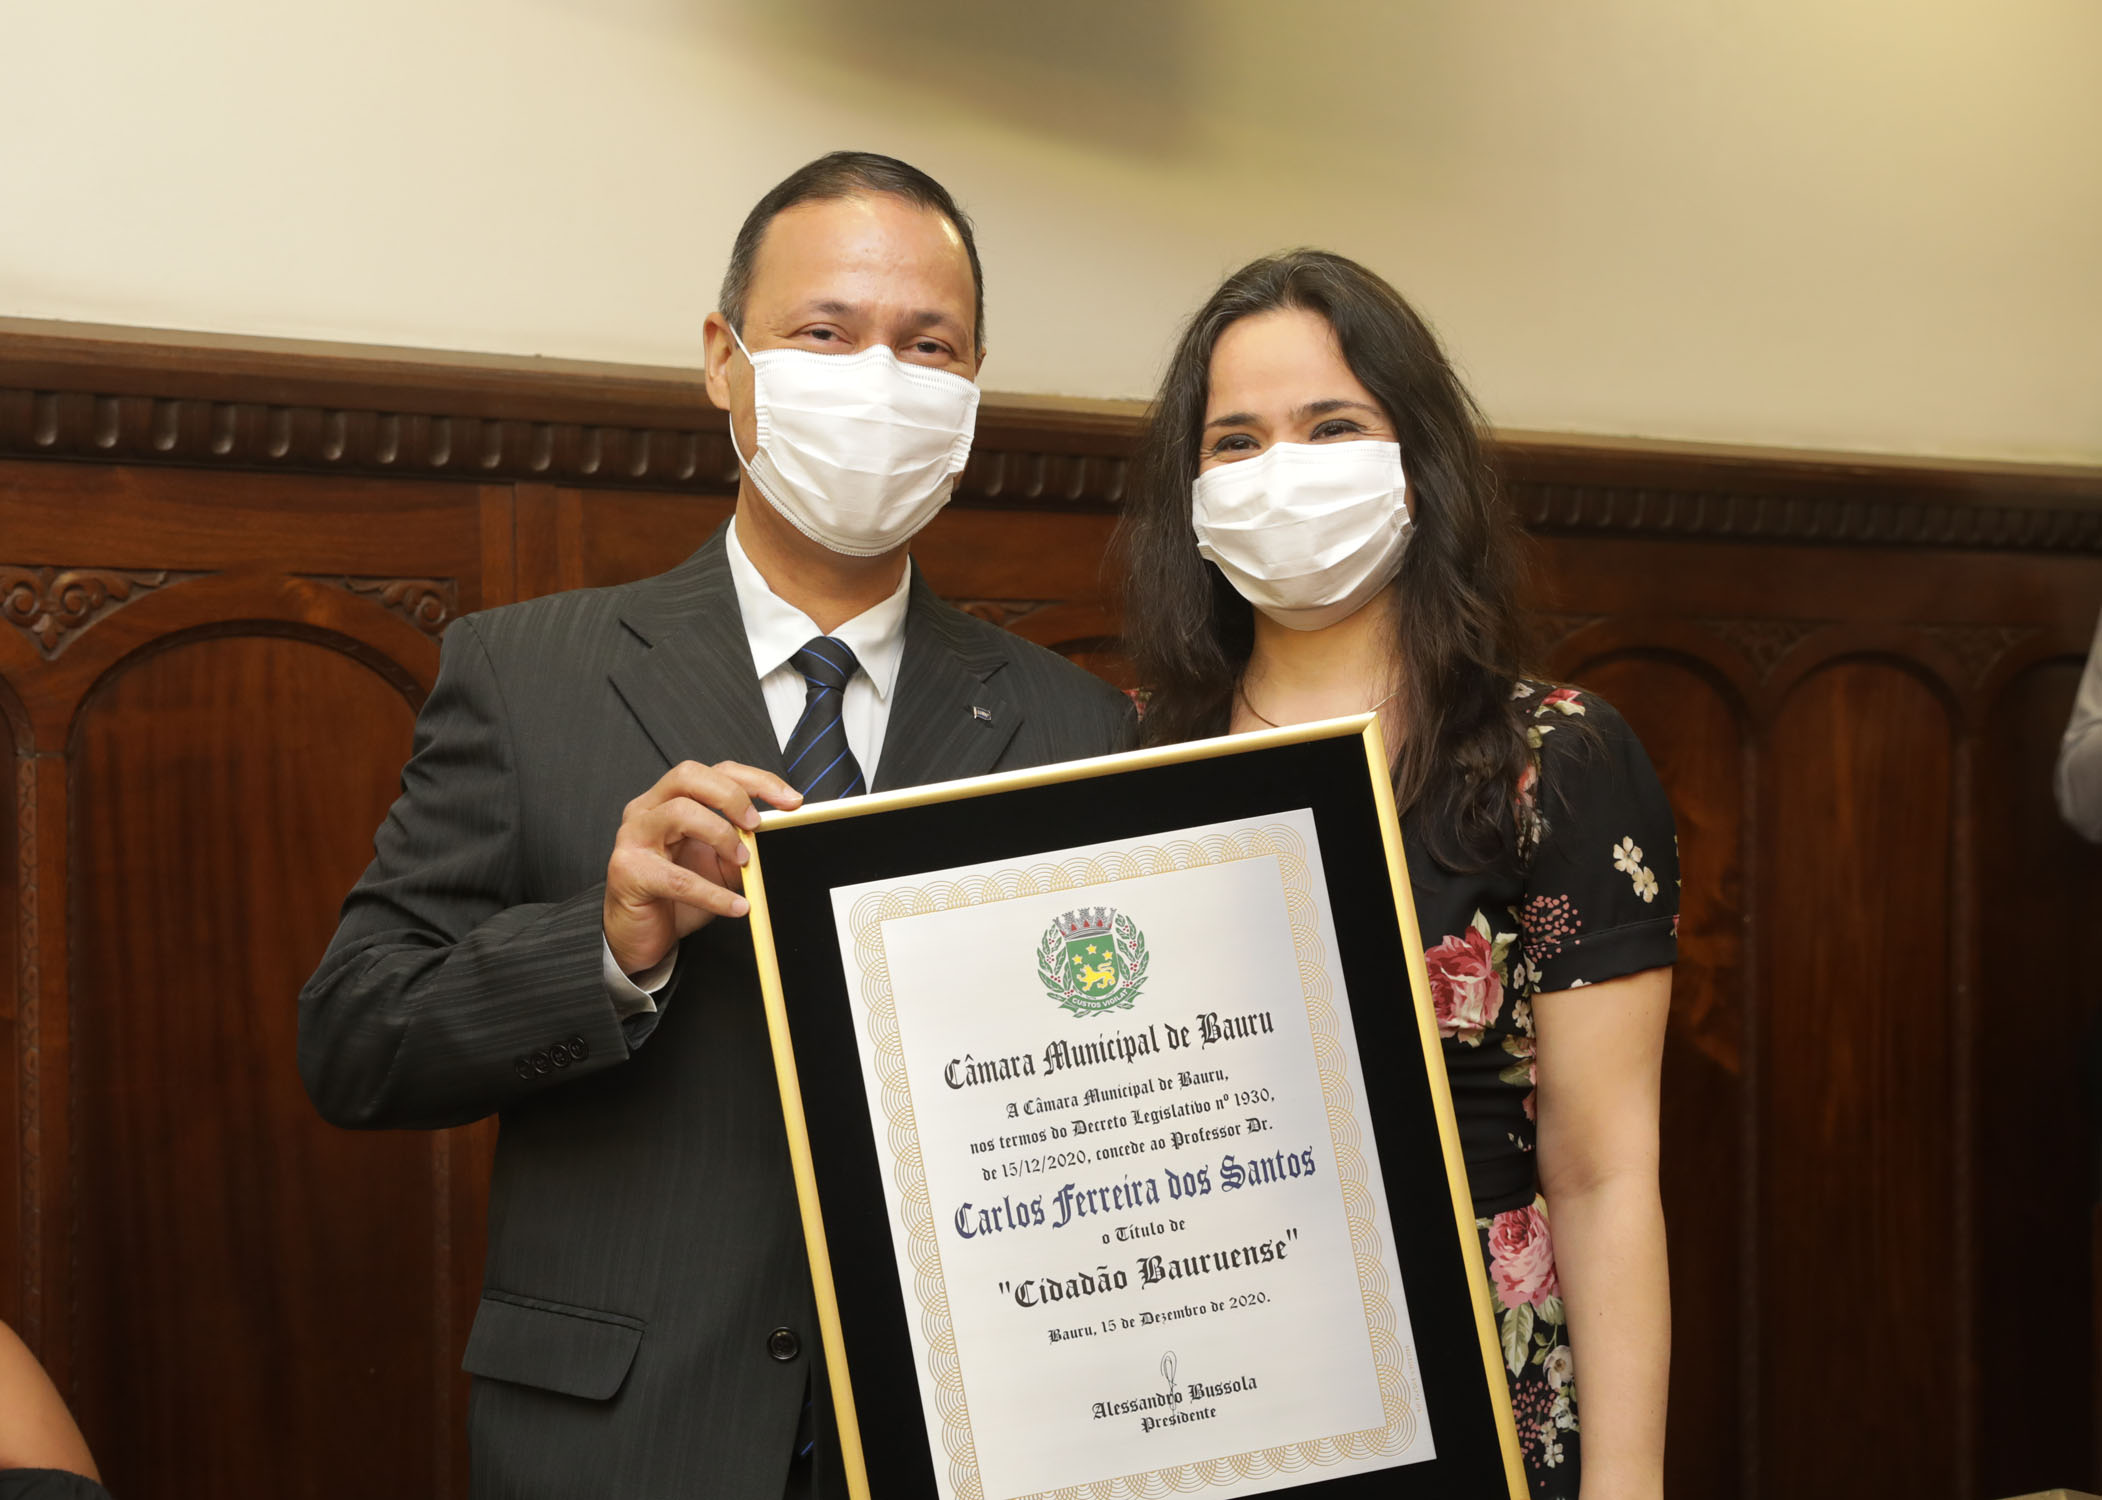 (Português do Brasil) Professor Carlos Ferreira dos Santos recebe o Título de Cidadão Bauruense